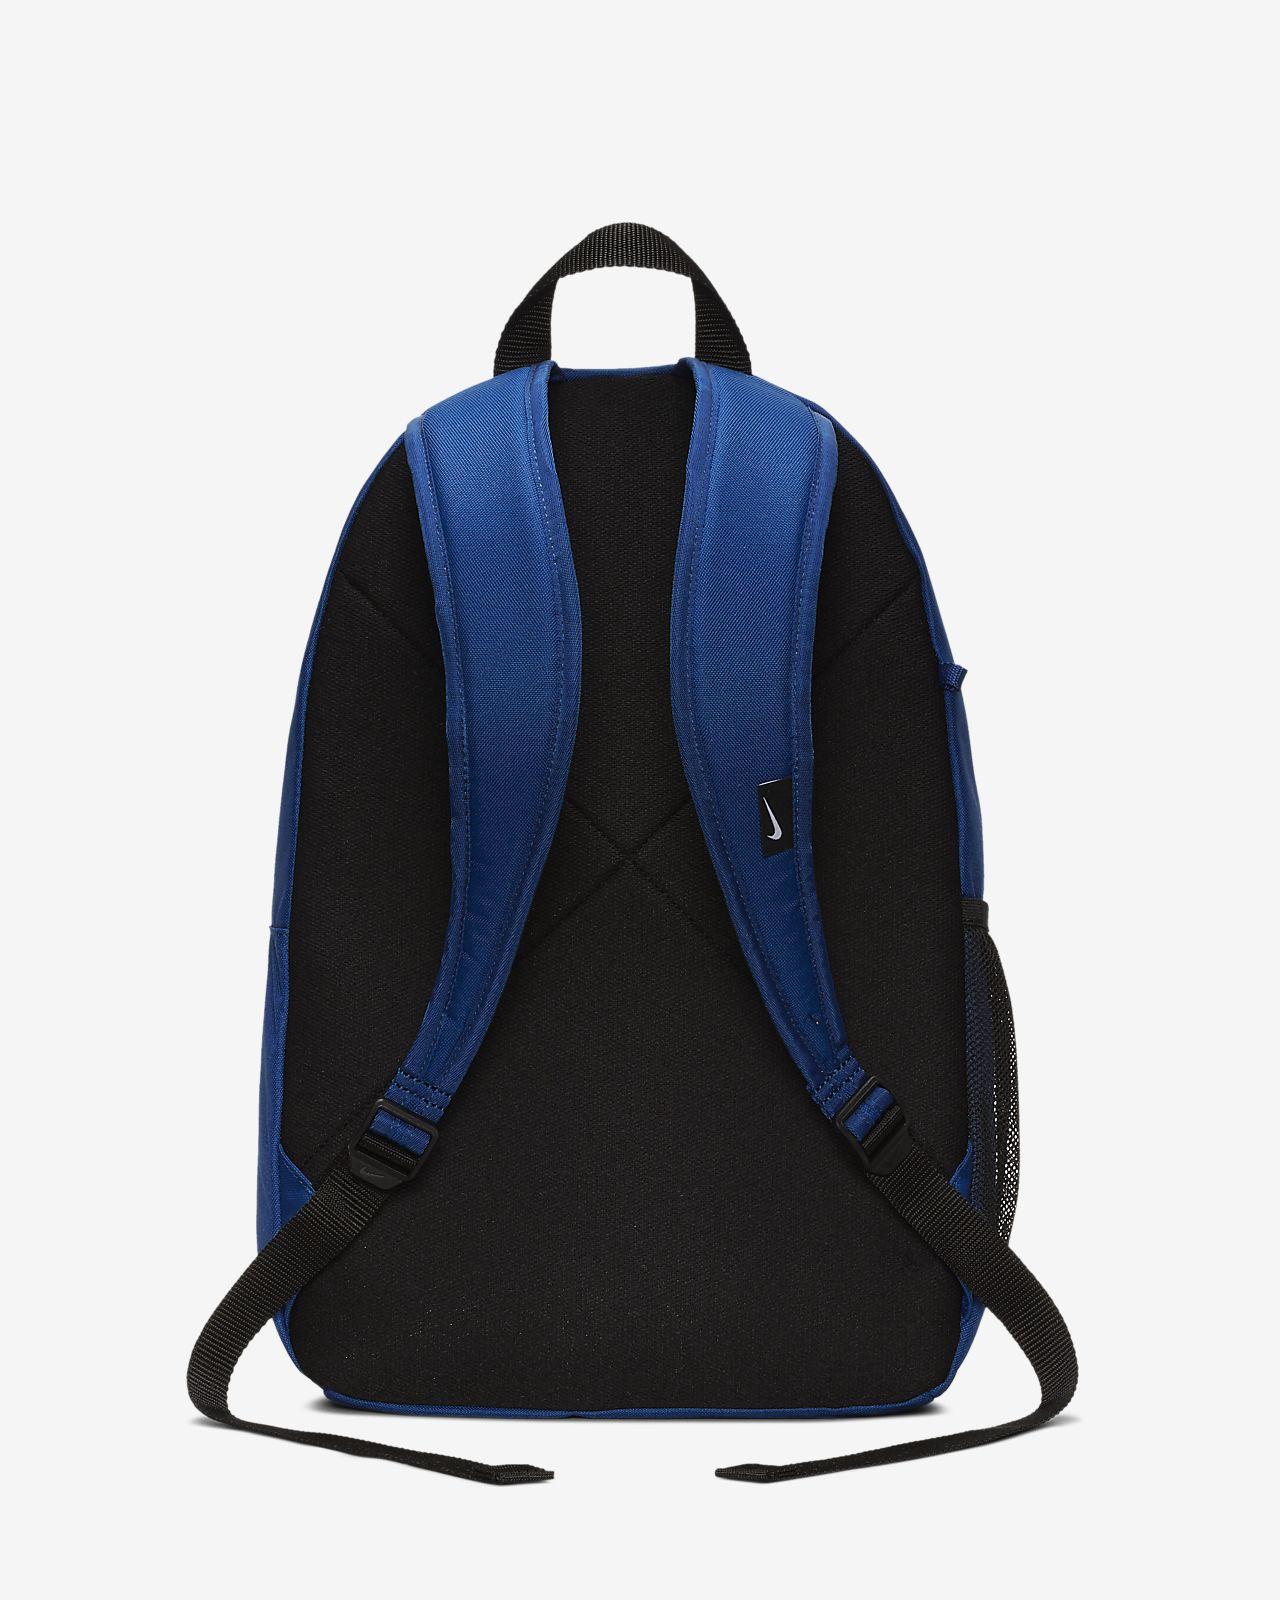 c6adbe12c5 Nike Elemental Kids  Backpack. Nike.com